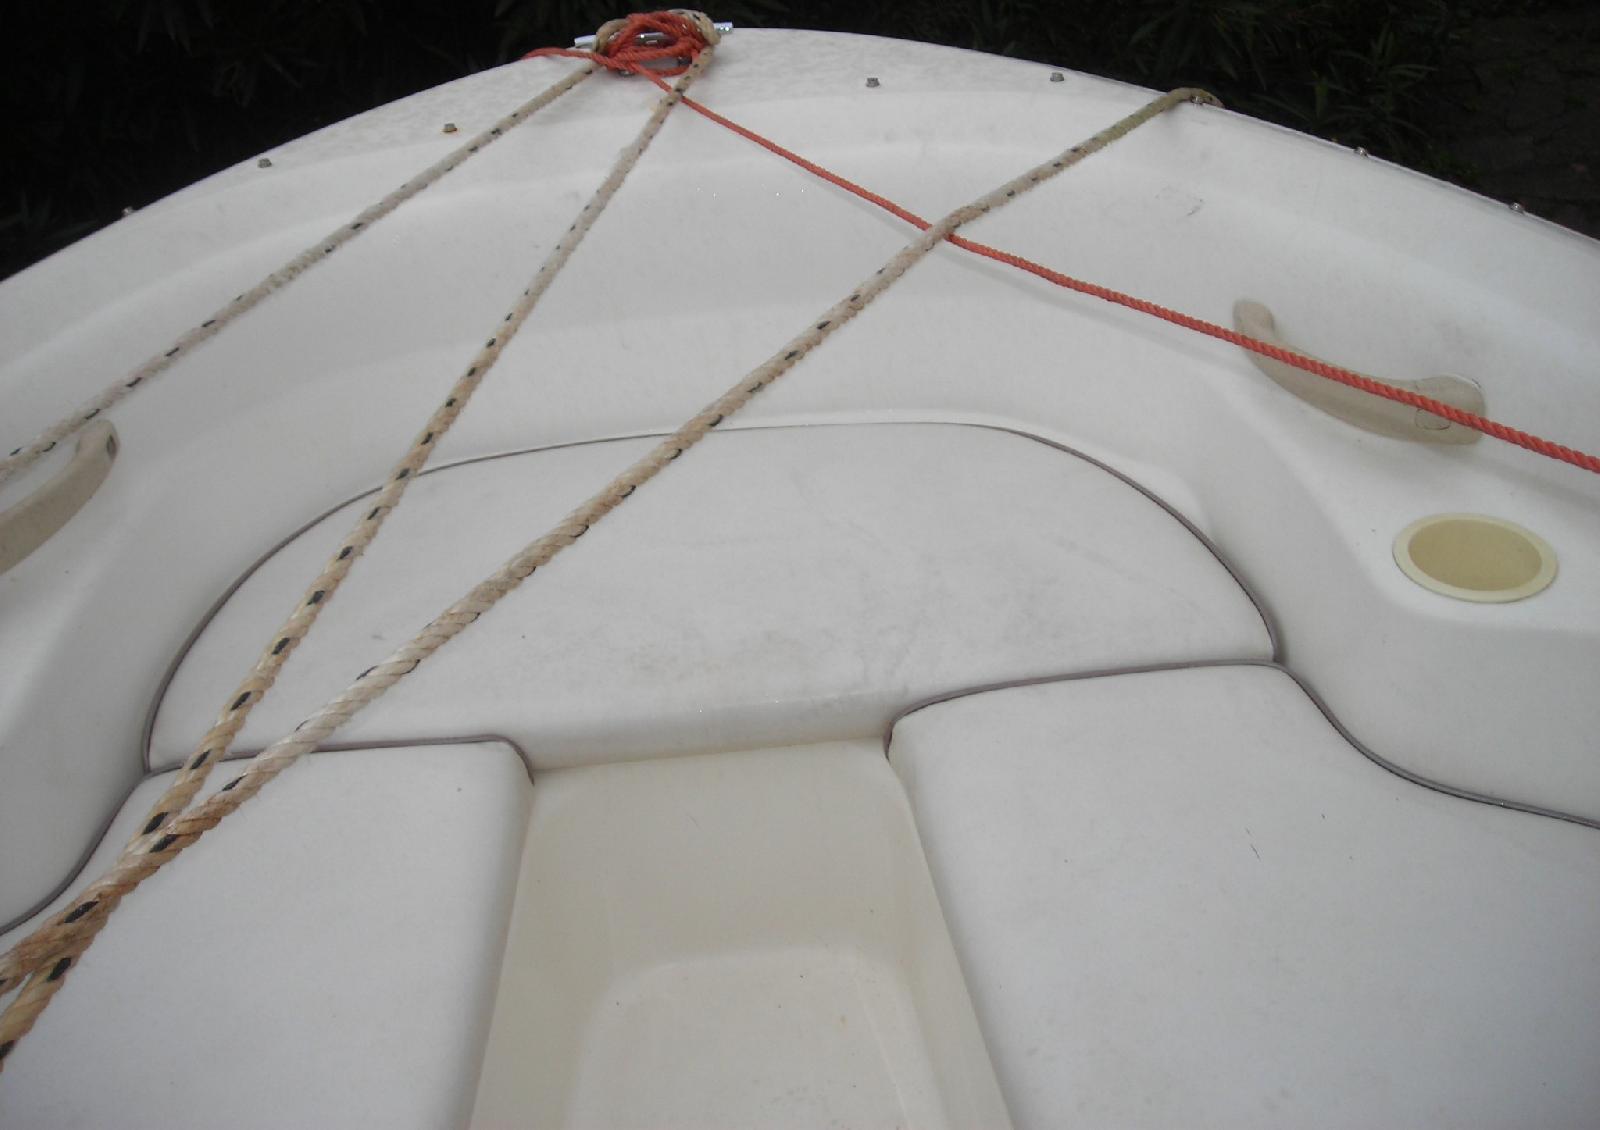 Glisse nautique et longue recherche de 2 bateaux d - Trace de rouille sur inox ...